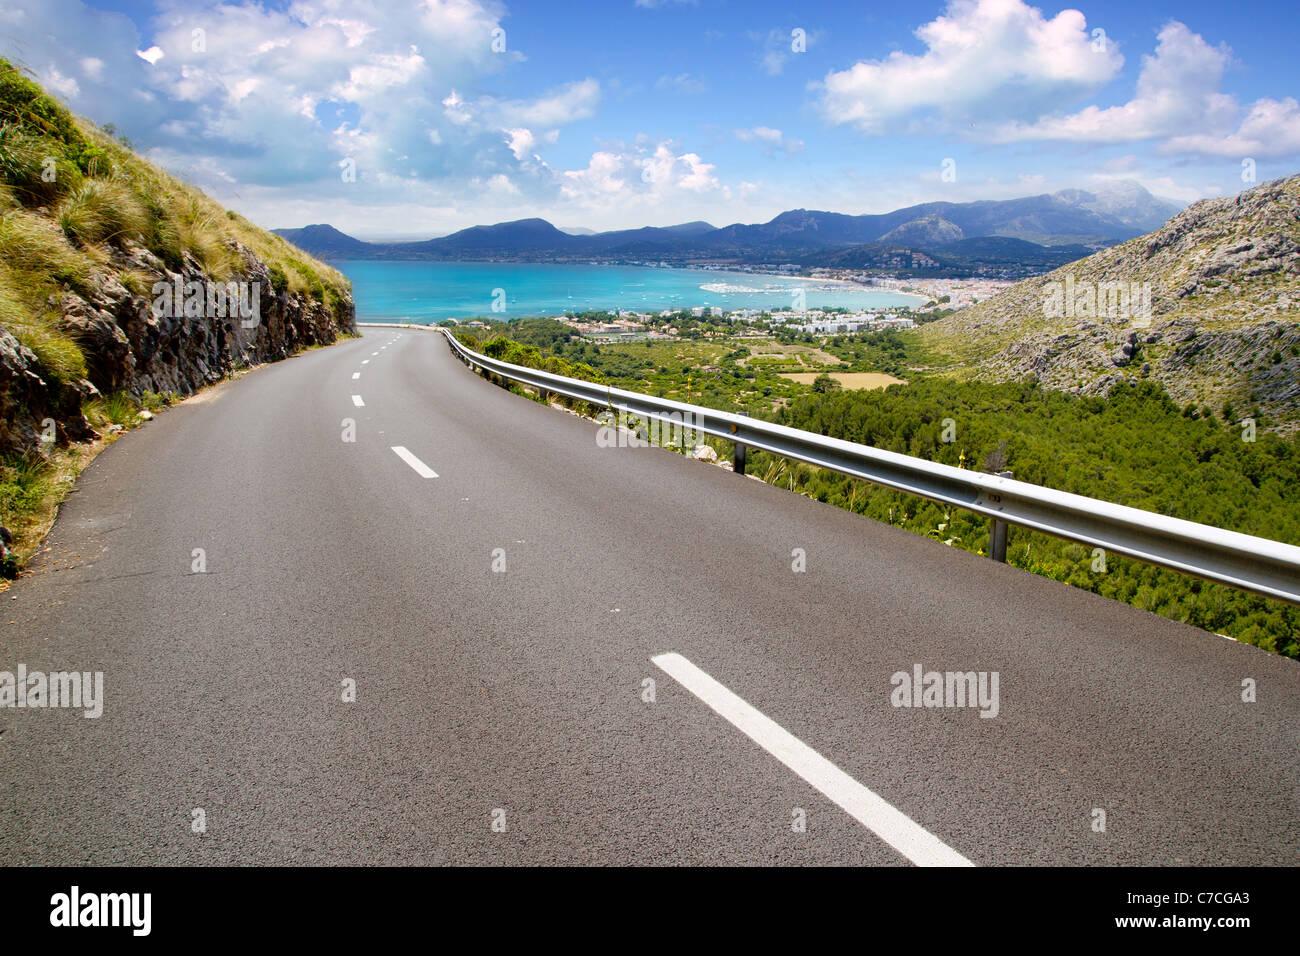 Kurve der Straße in den Bergen mit Pollensa auf Mallorca-Balearen-Insel Stockbild